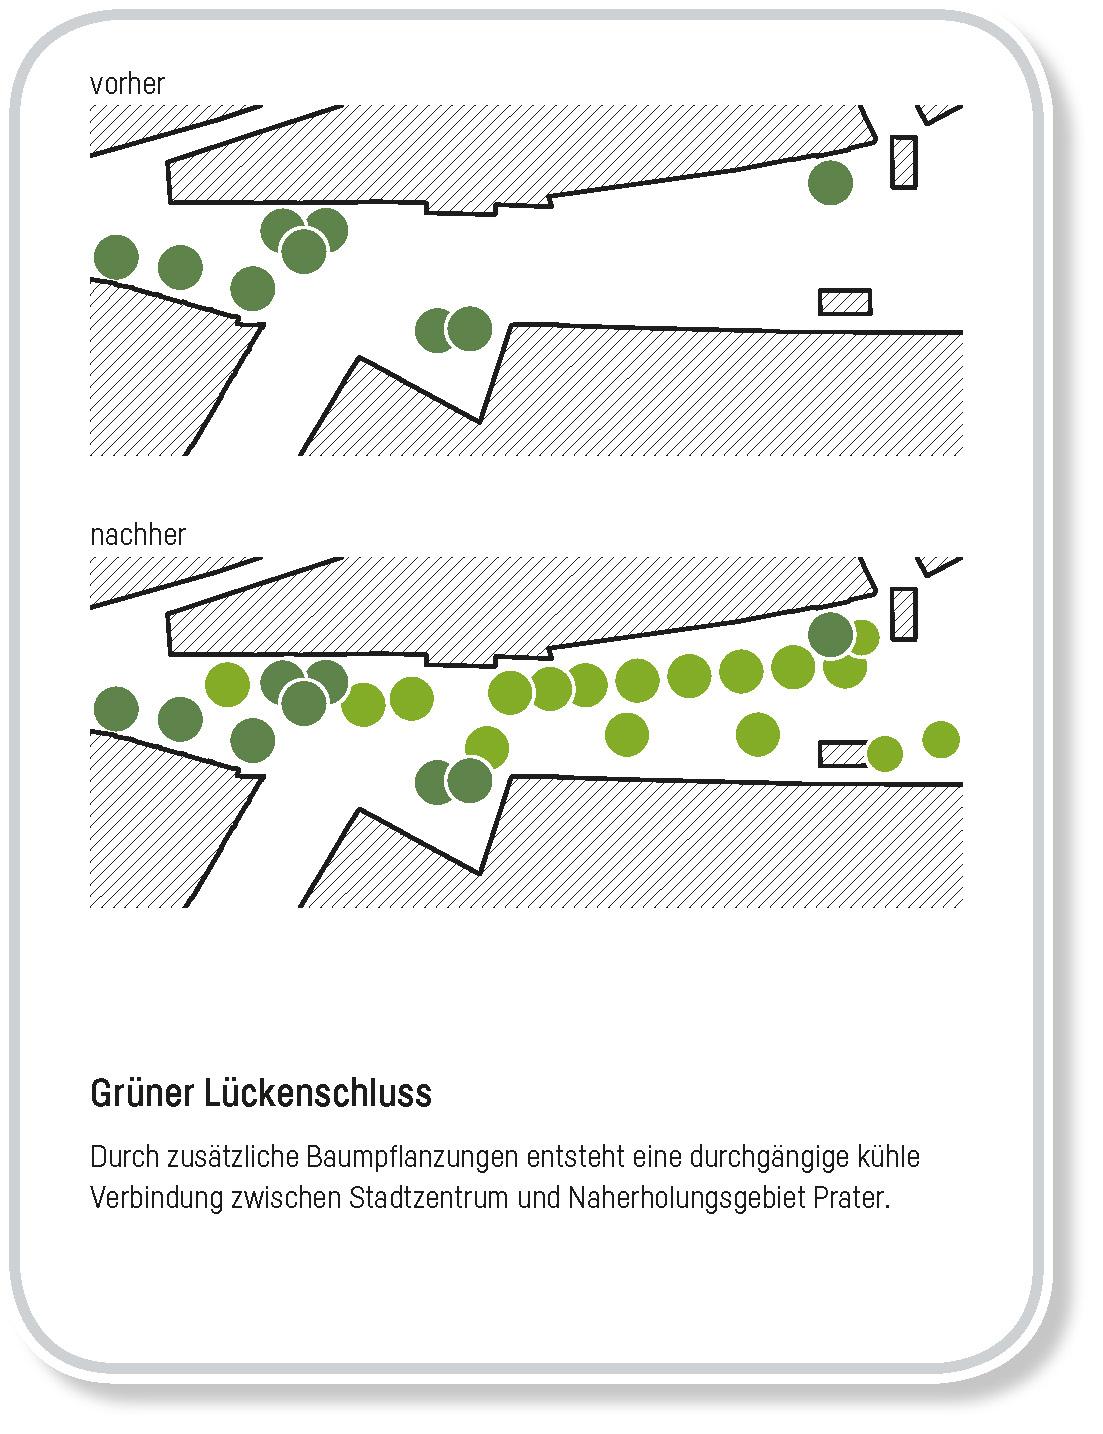 Bild zeigt, dass neue Bäume eine durchgehende Baumreihe erzeugen werden.